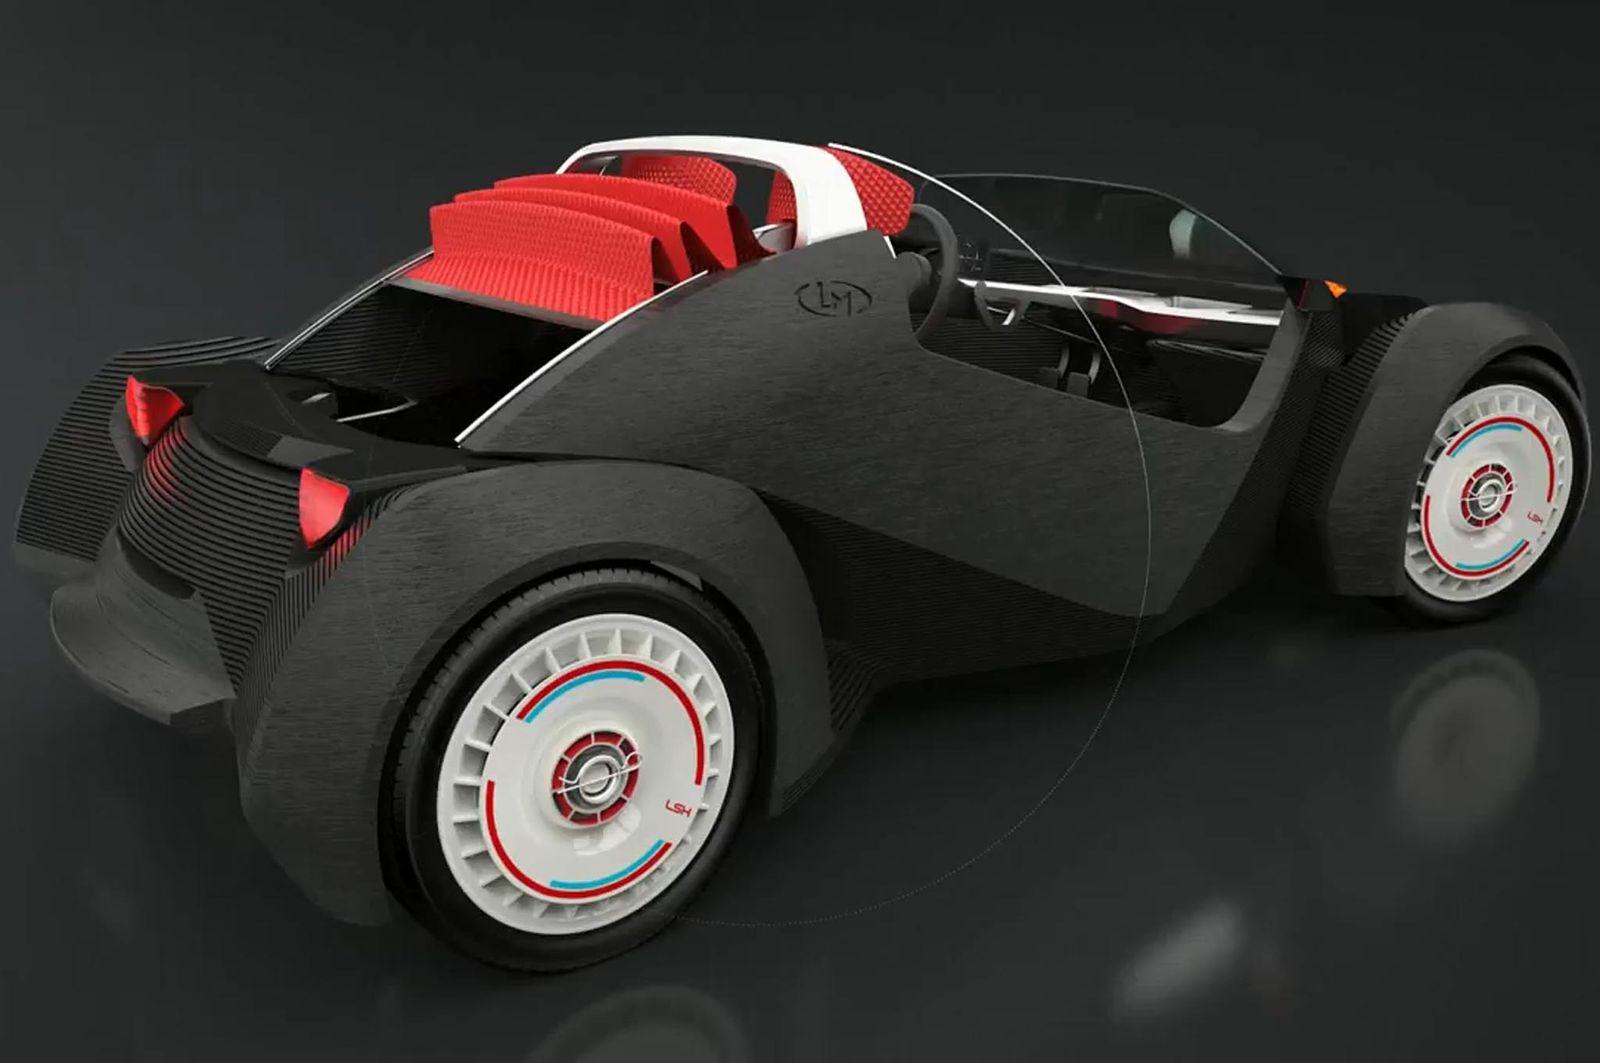 3D printed car / Strati / Local Motors